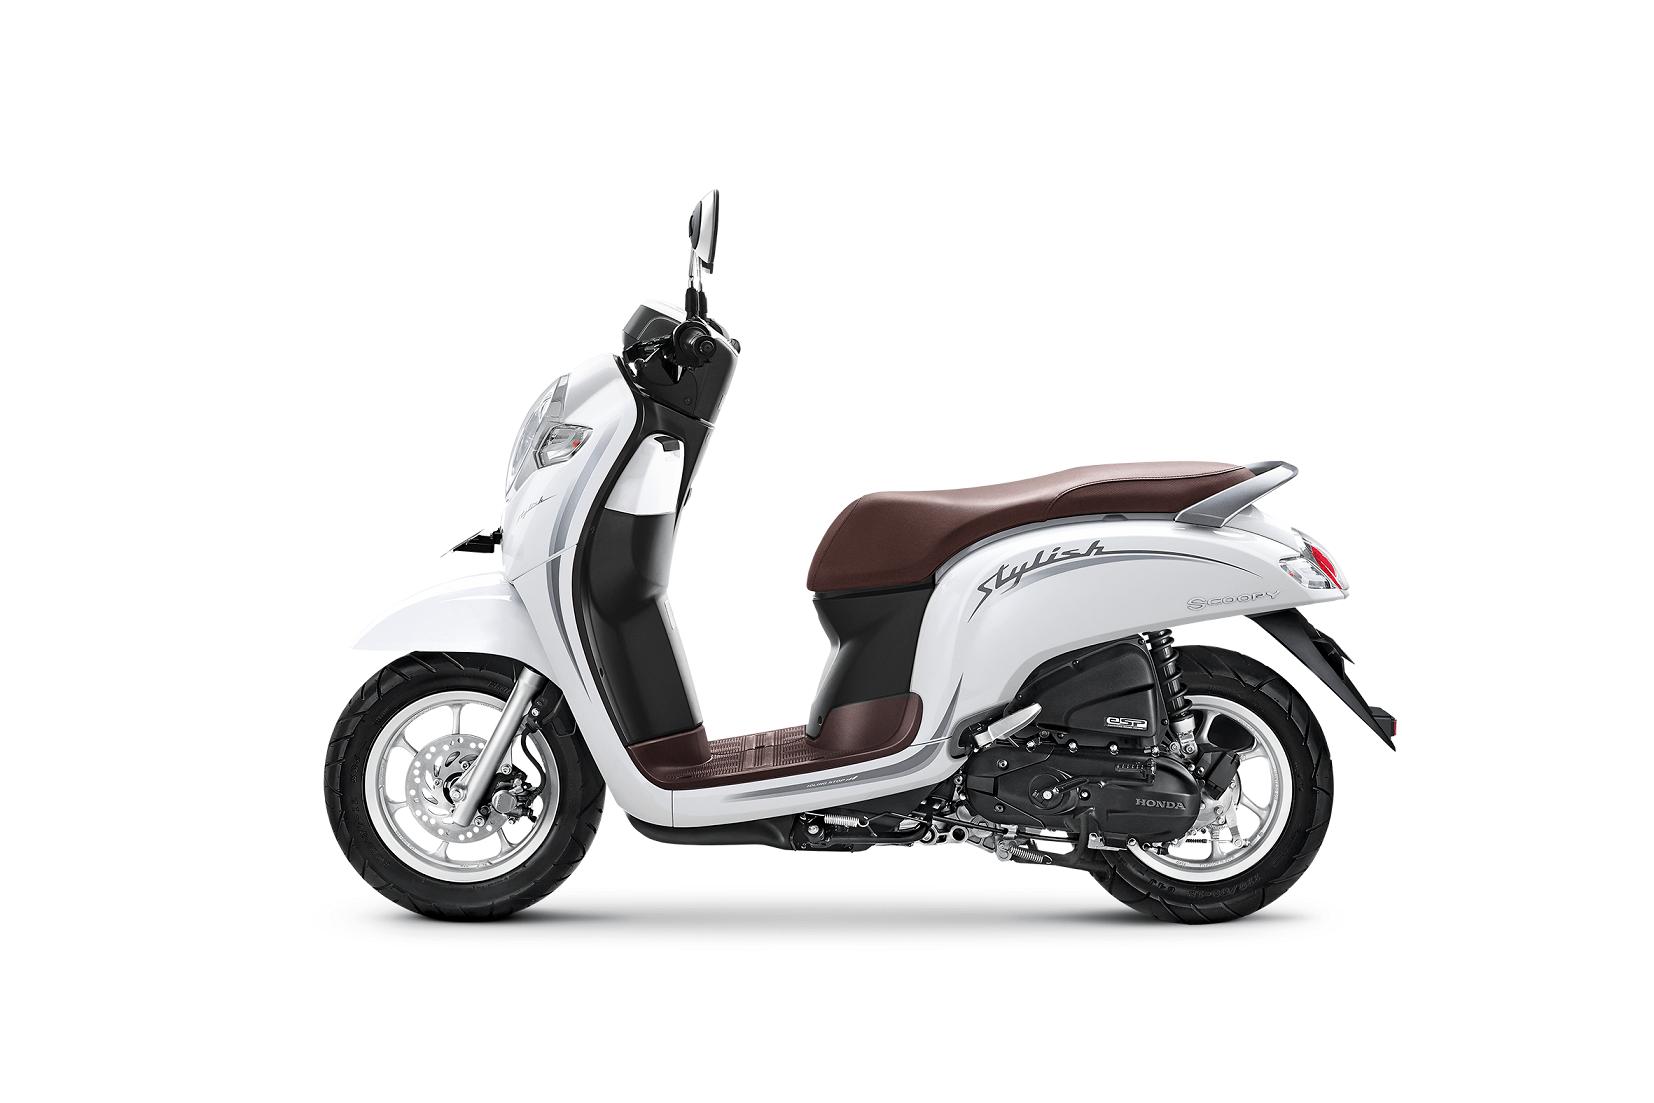 AHM Rilis Warna Baru New Honda Scoopy eSP 2019